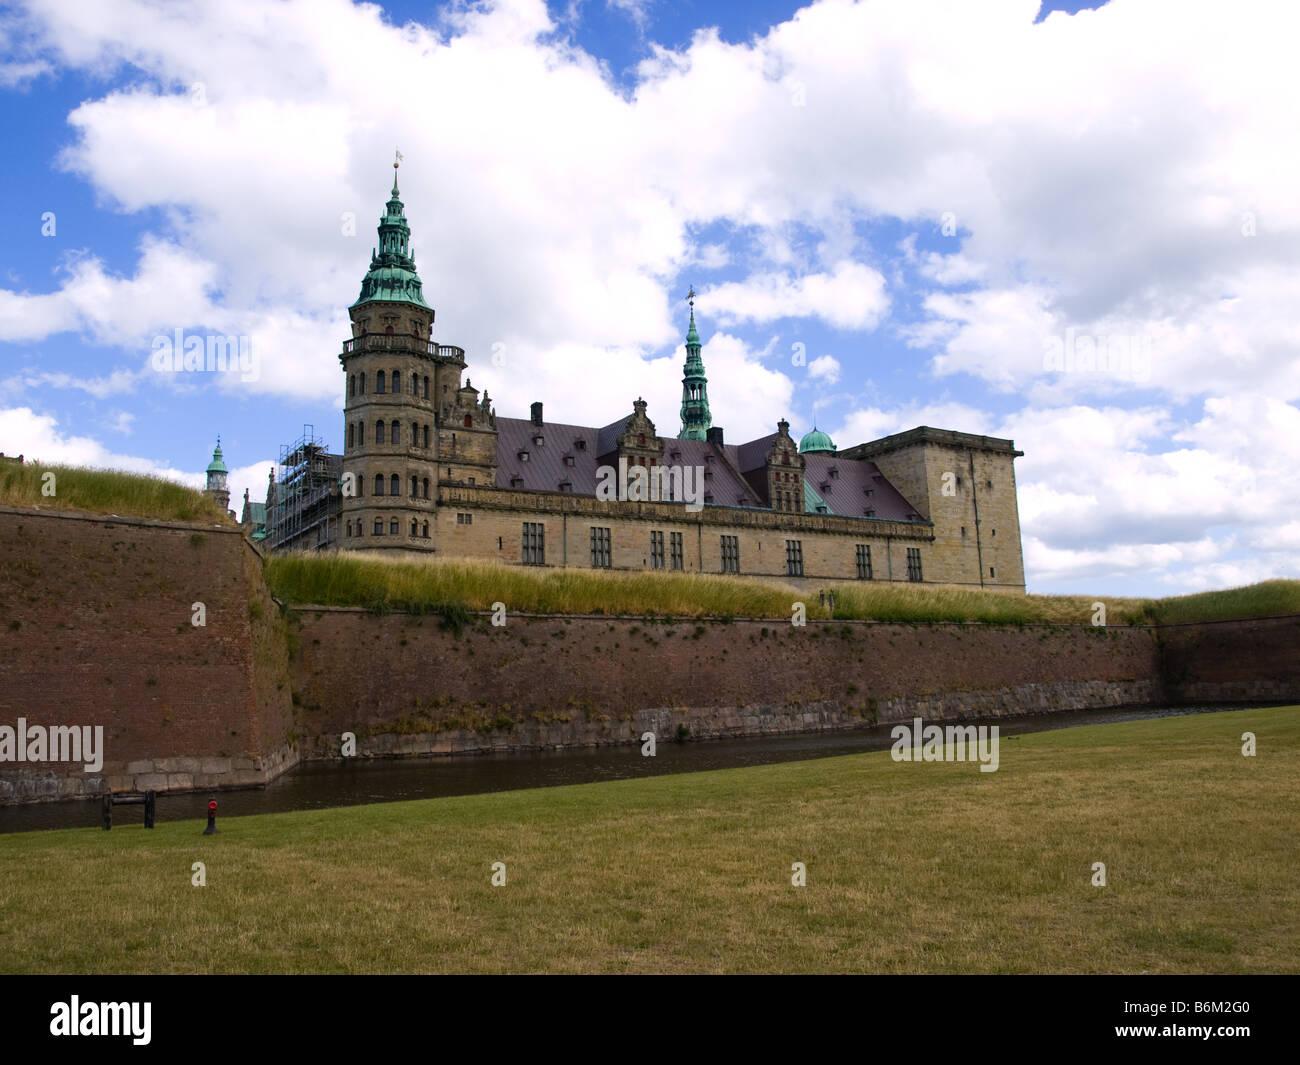 Kronborg Slot, the Hamlet Castle, in Helsingør, Denmark. - Stock Image